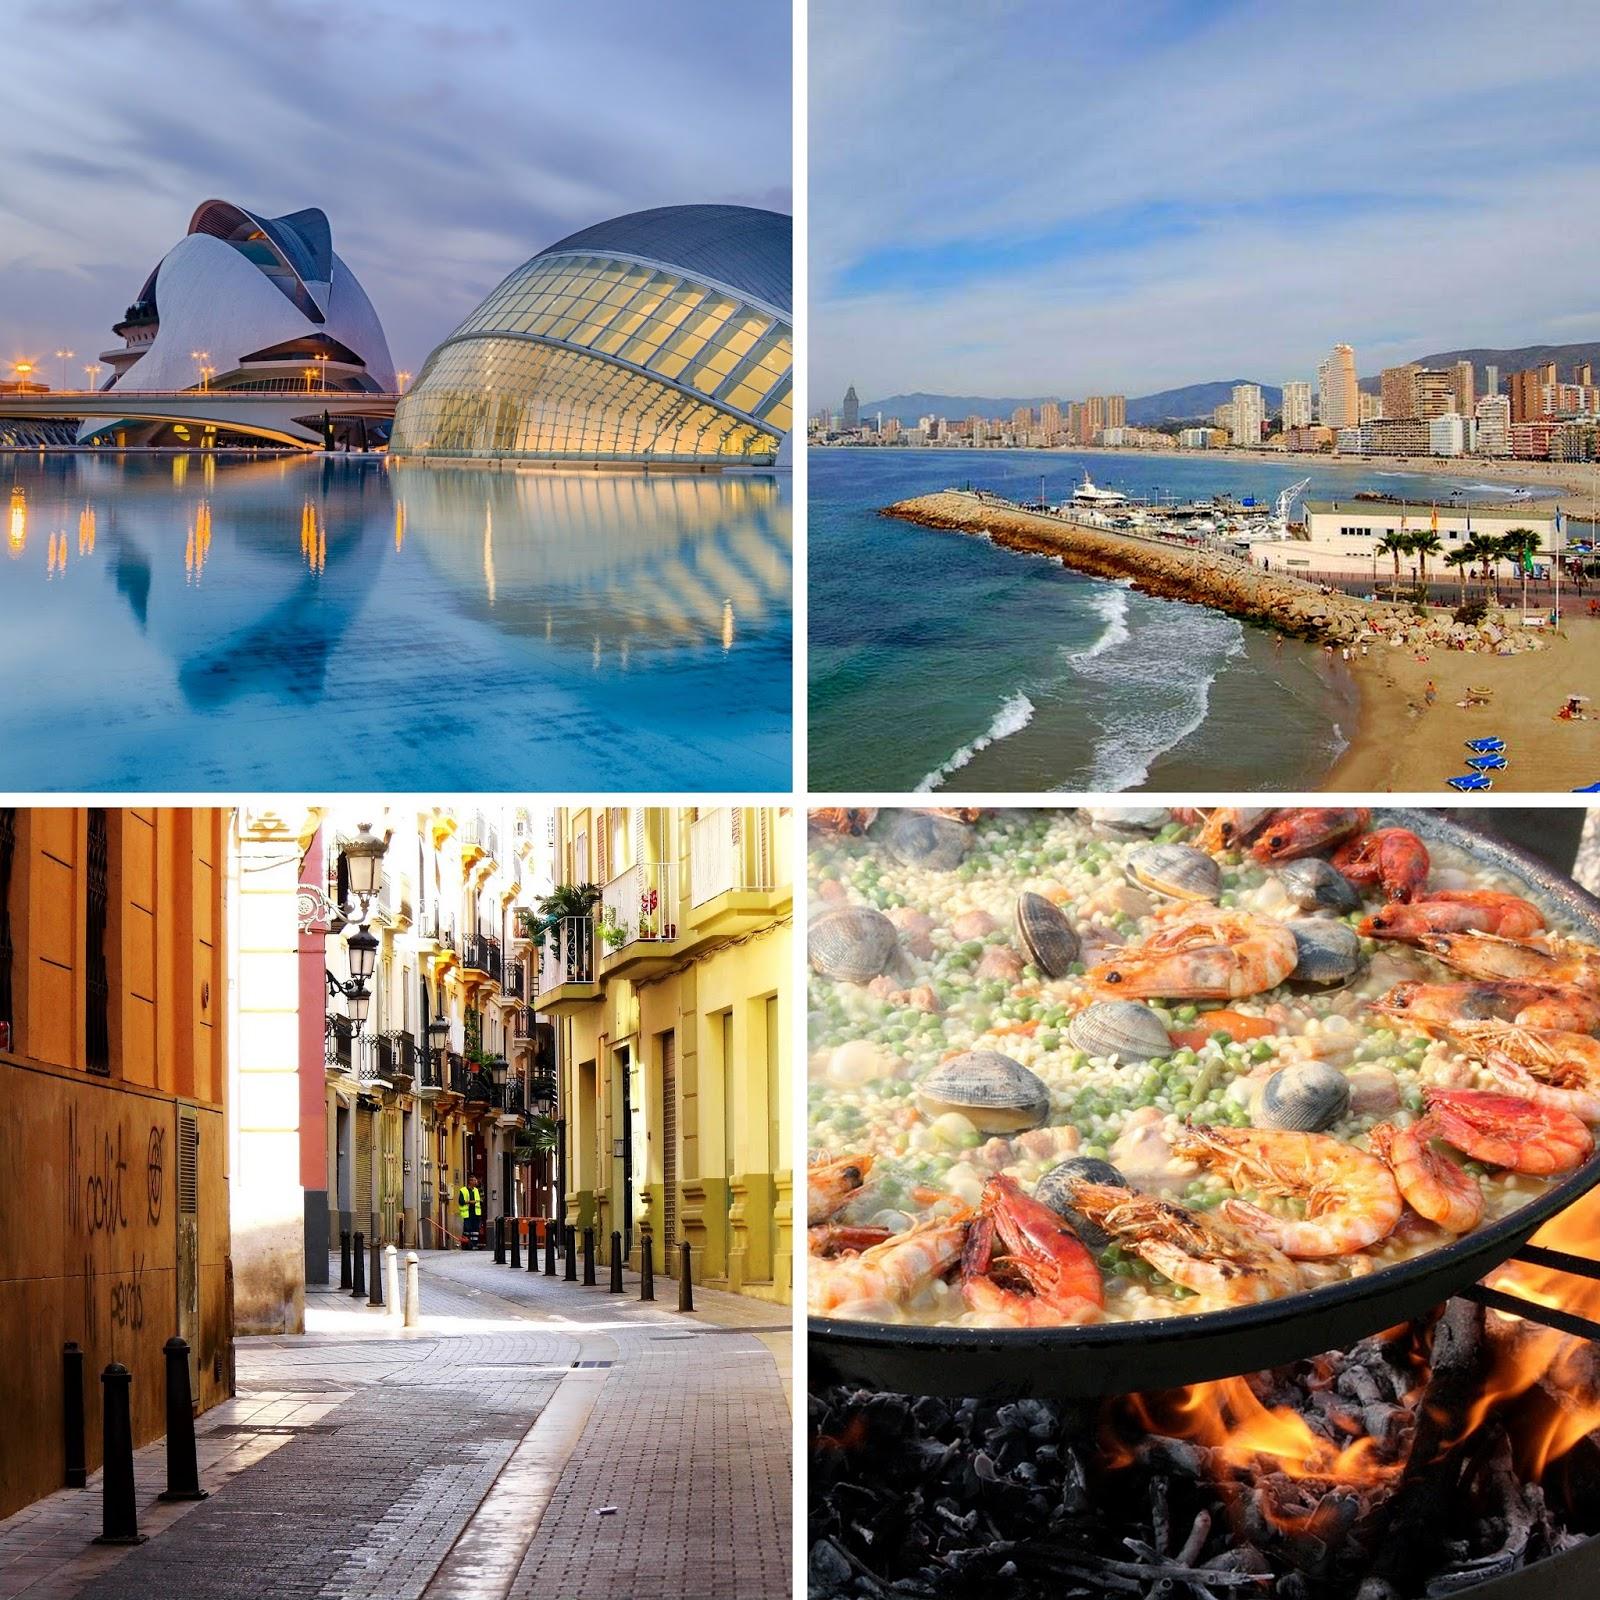 id valencia espanja roadtrip matkasuunnitelma